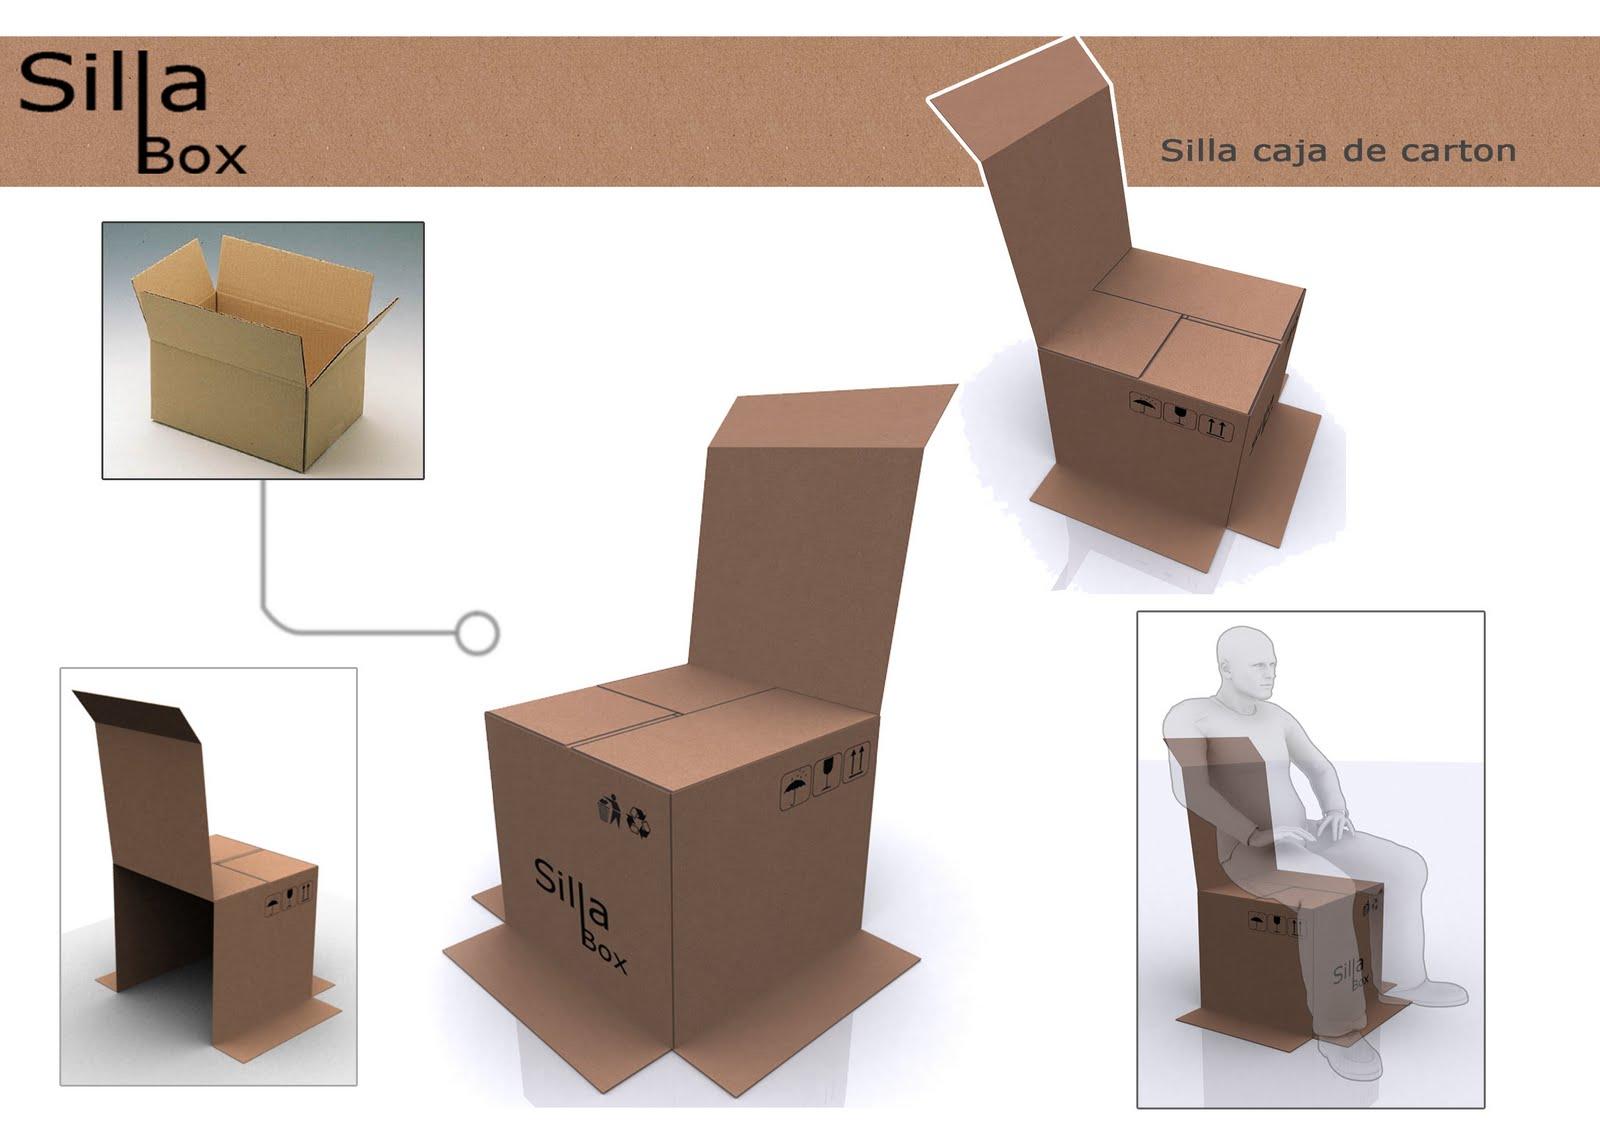 APUNTES - REVISTA DIGITAL DE ARQUITECTURA: Algunas sillas de cartón ...